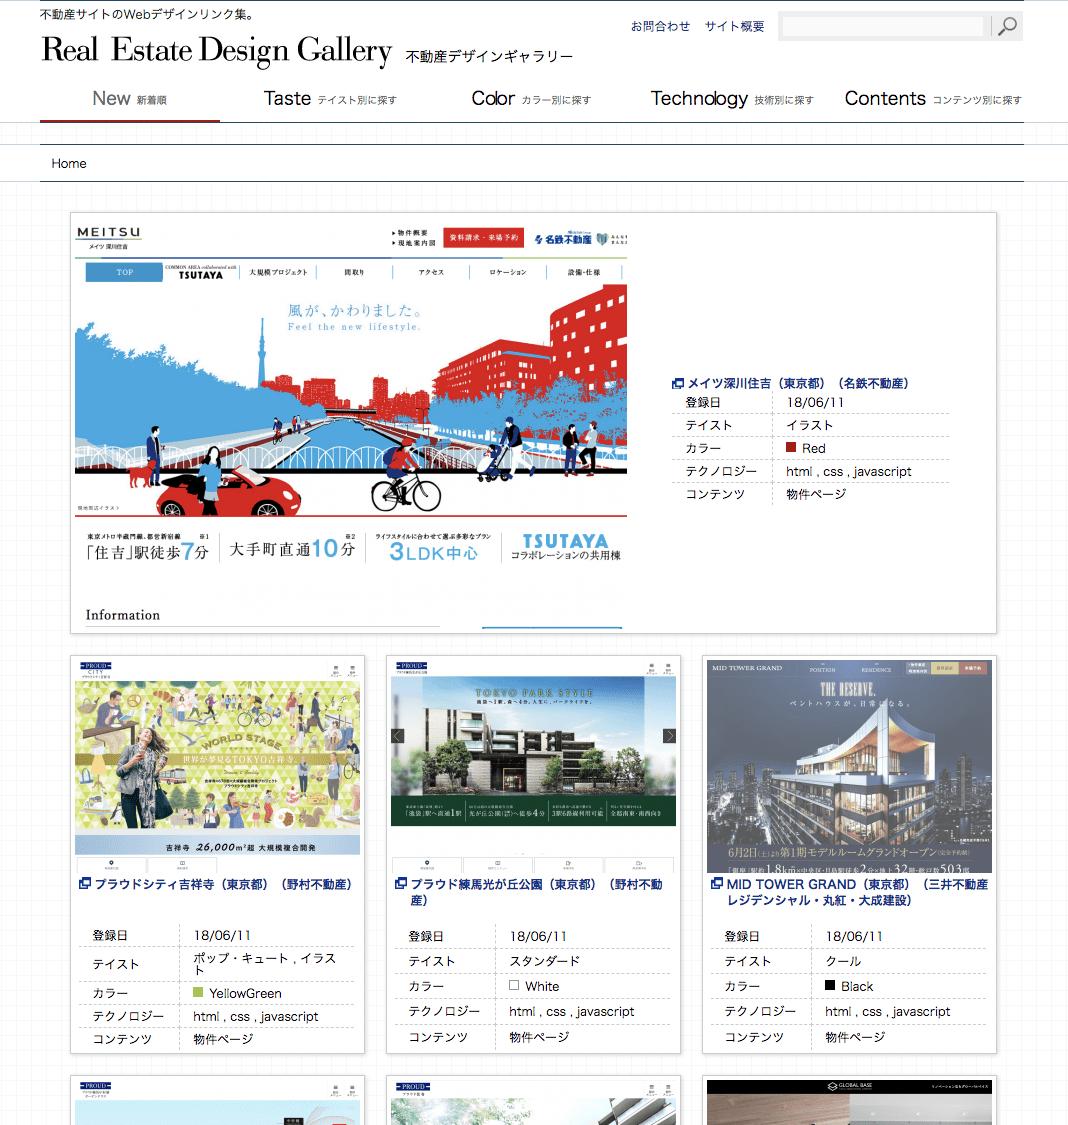 不動産関連のサイトデザインだけを集めた日本で唯一のデザインギャラリー